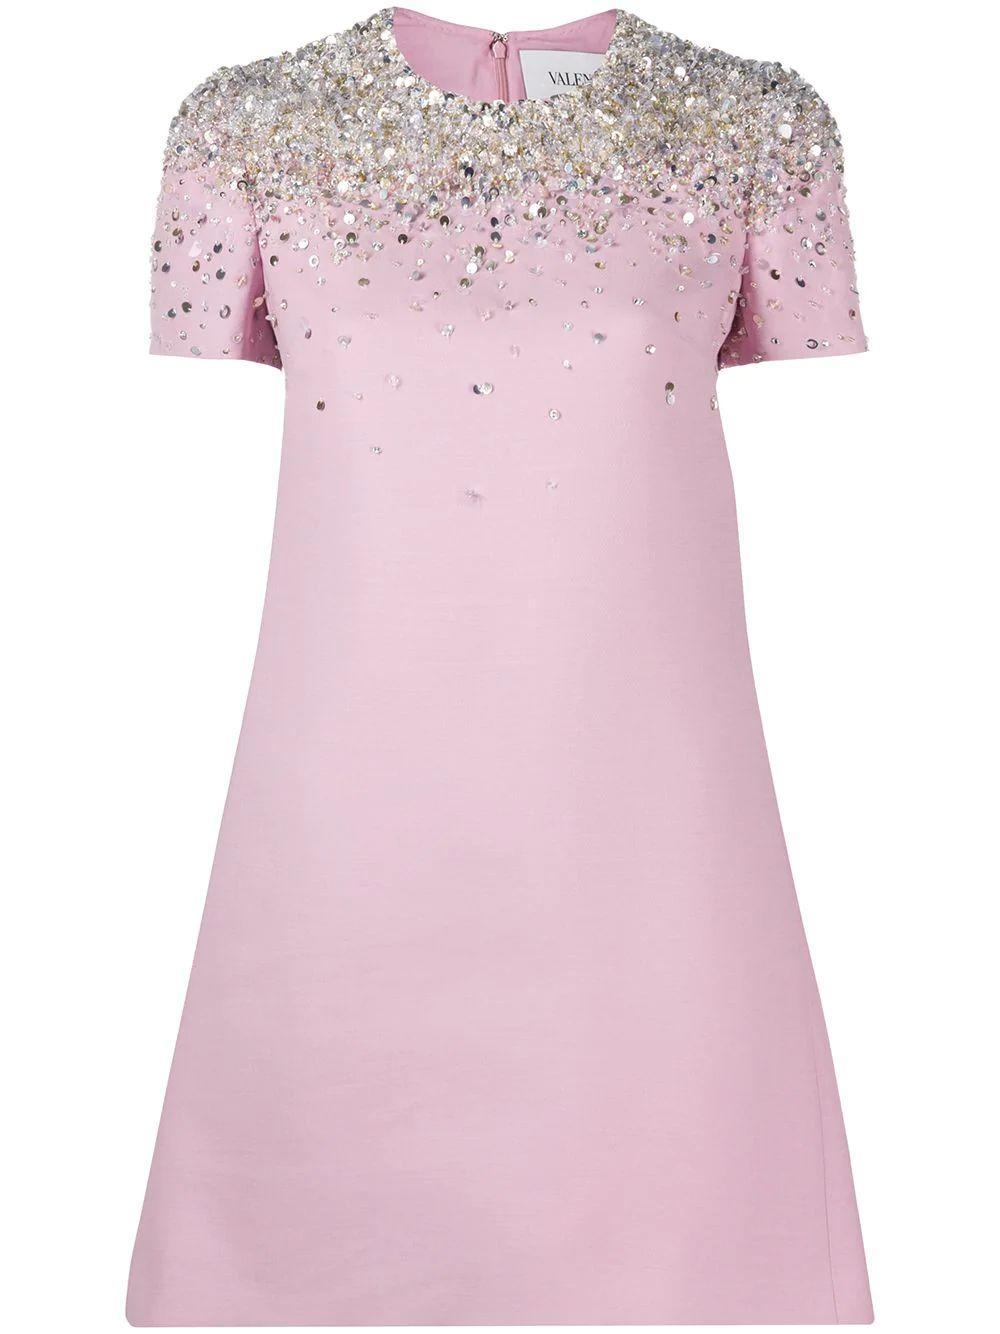 Embroidered Shoulder Shift Dress Item # UB3VATG51CF